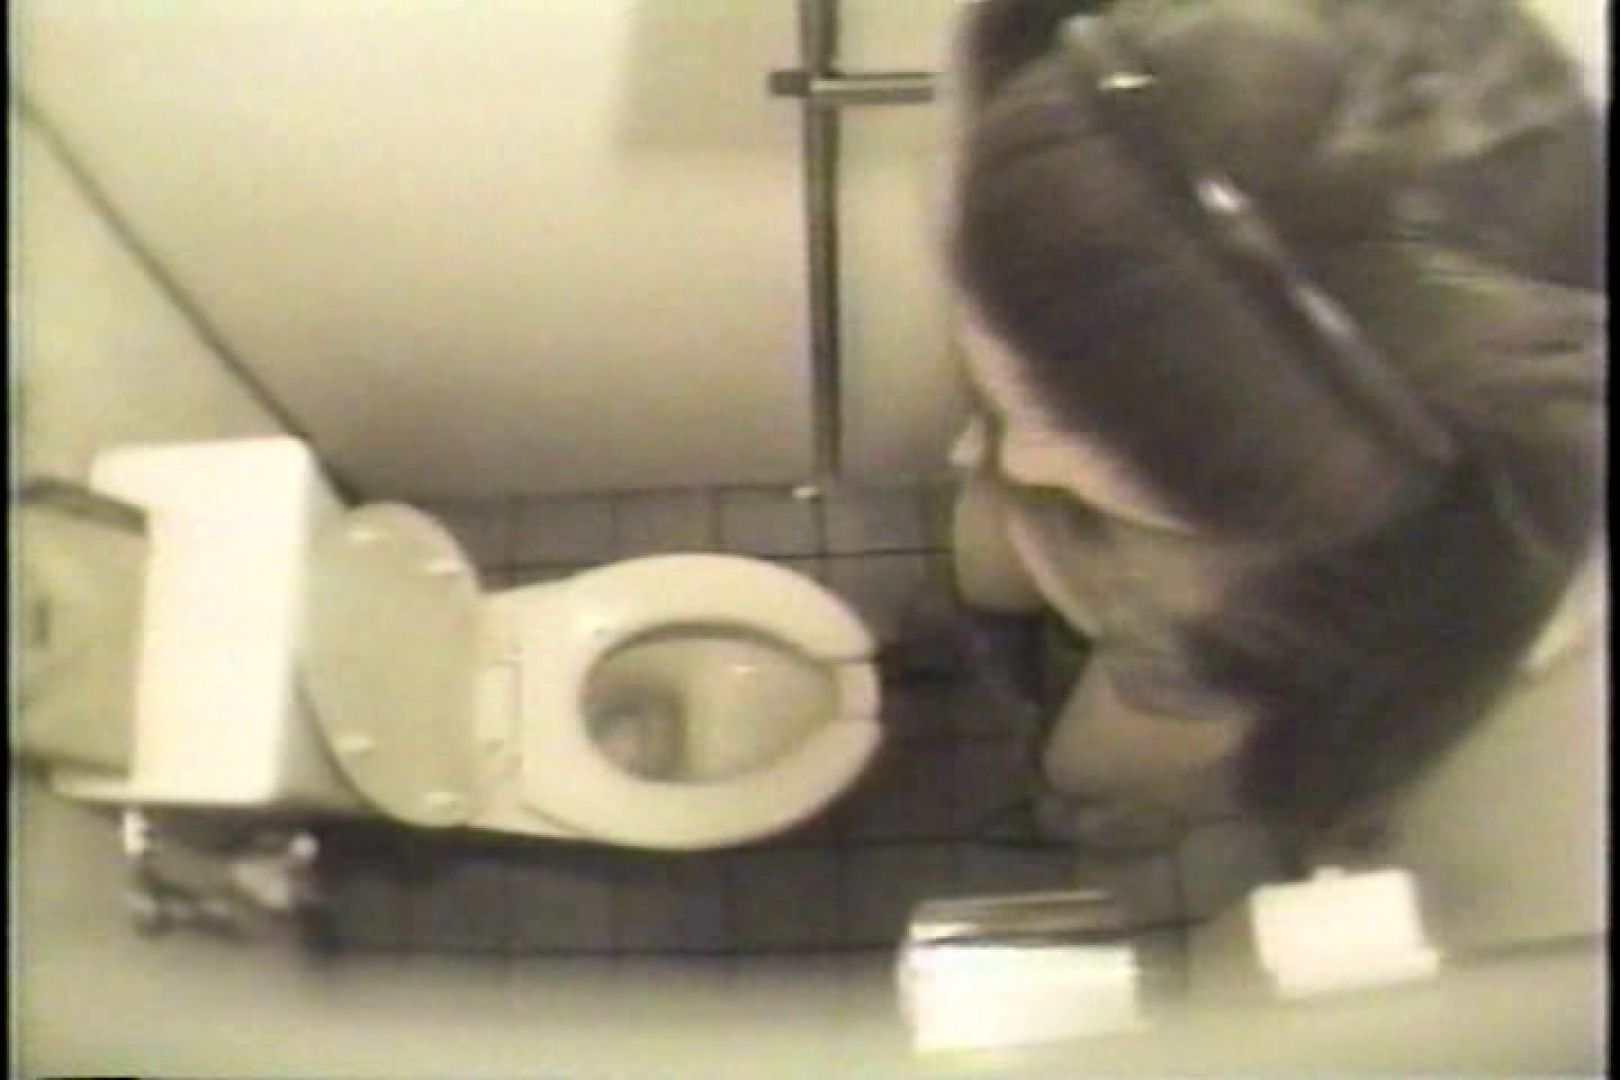 盗撮 女子洗面所3ヶ所入ってしゃがんで音出して 洗面所 盗み撮りAV無料動画キャプチャ 67pic 63